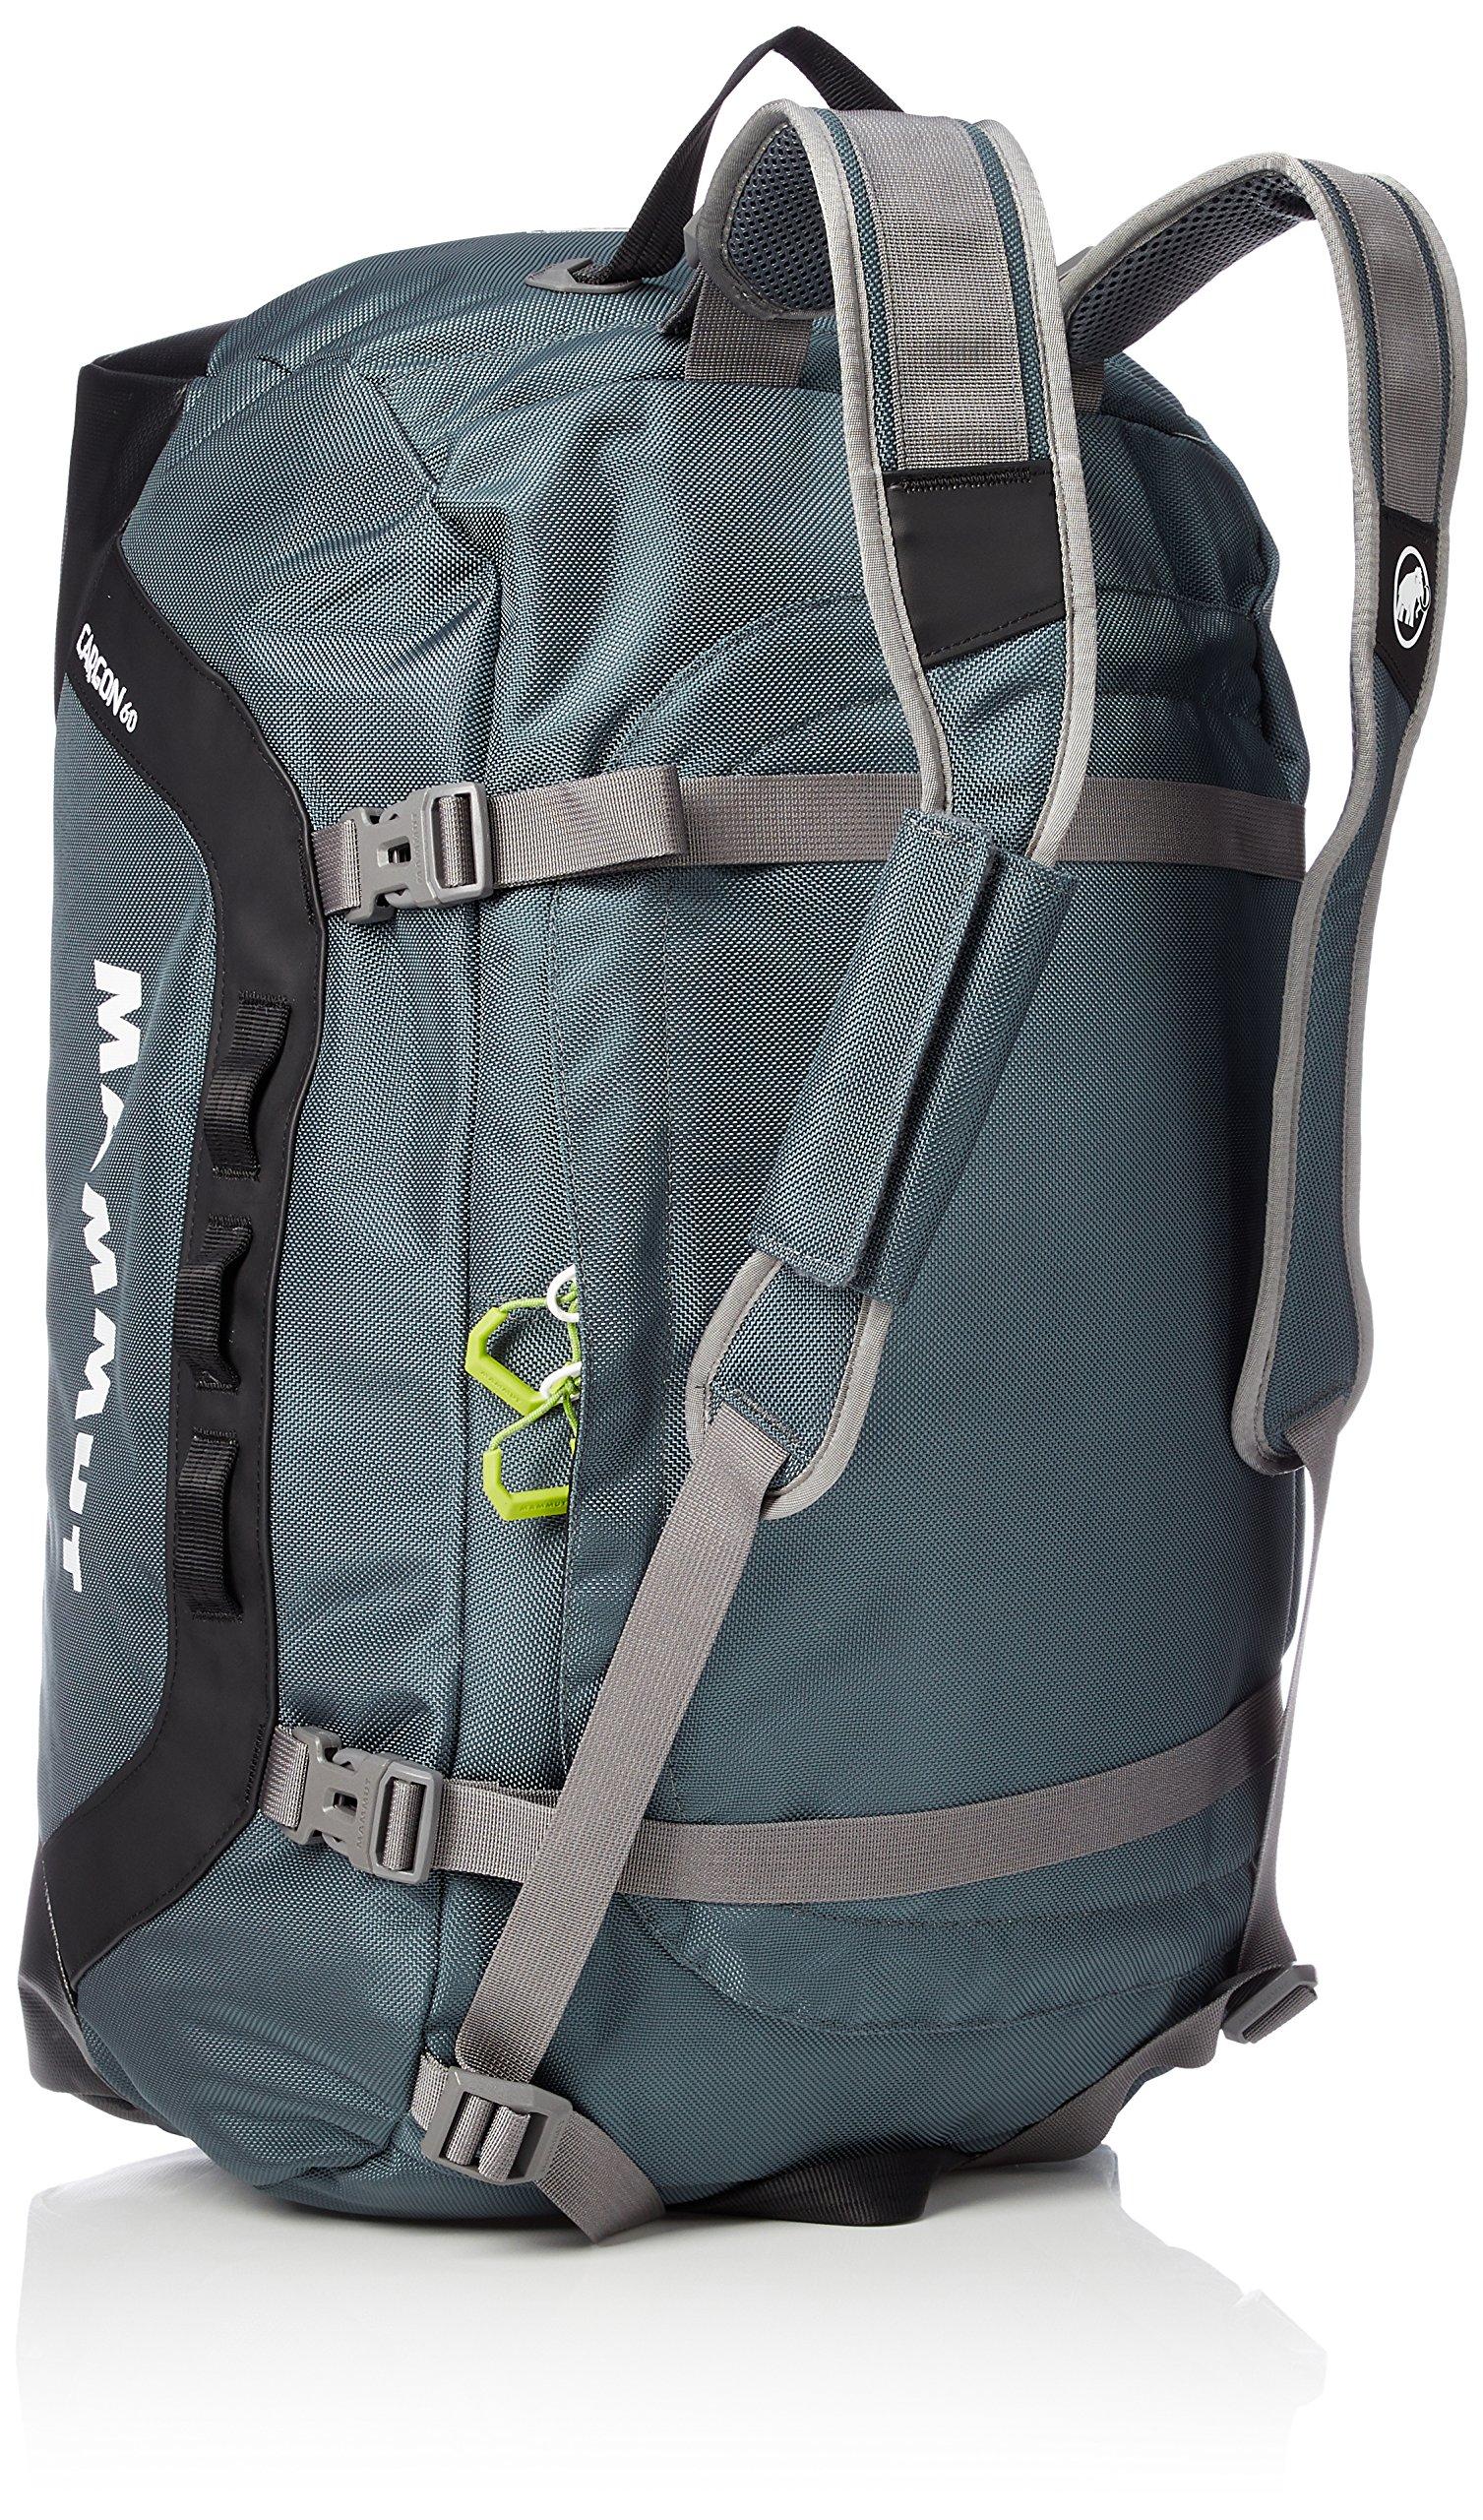 Sport-Reise-Tasche-Cargon